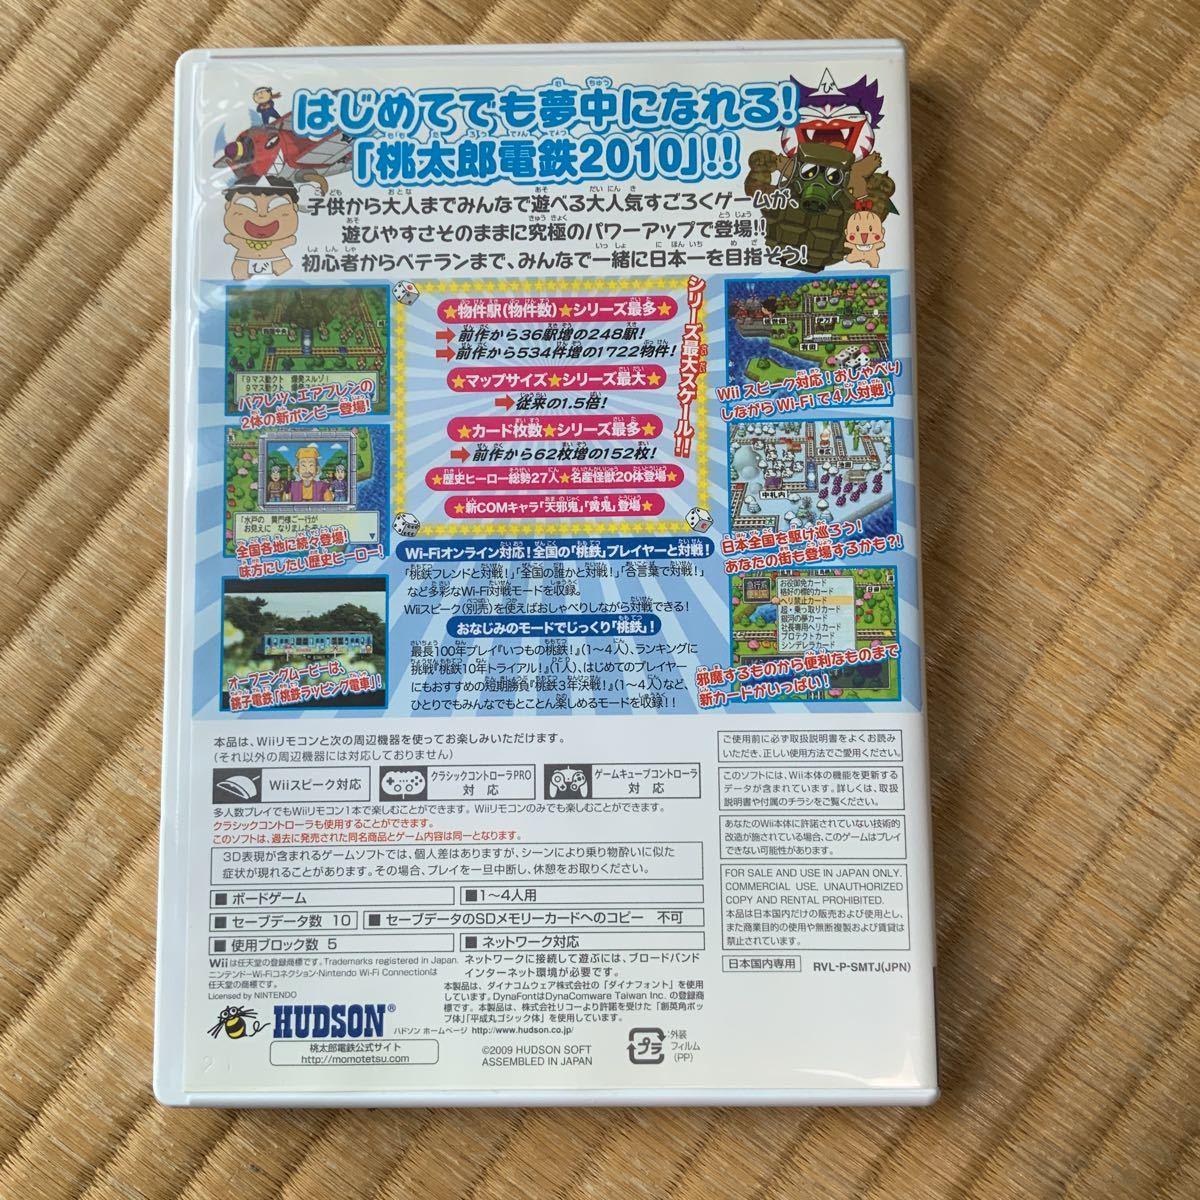 桃太郎電鉄2010 戦国・維新のヒーロー大集合!の巻 Wii_画像2